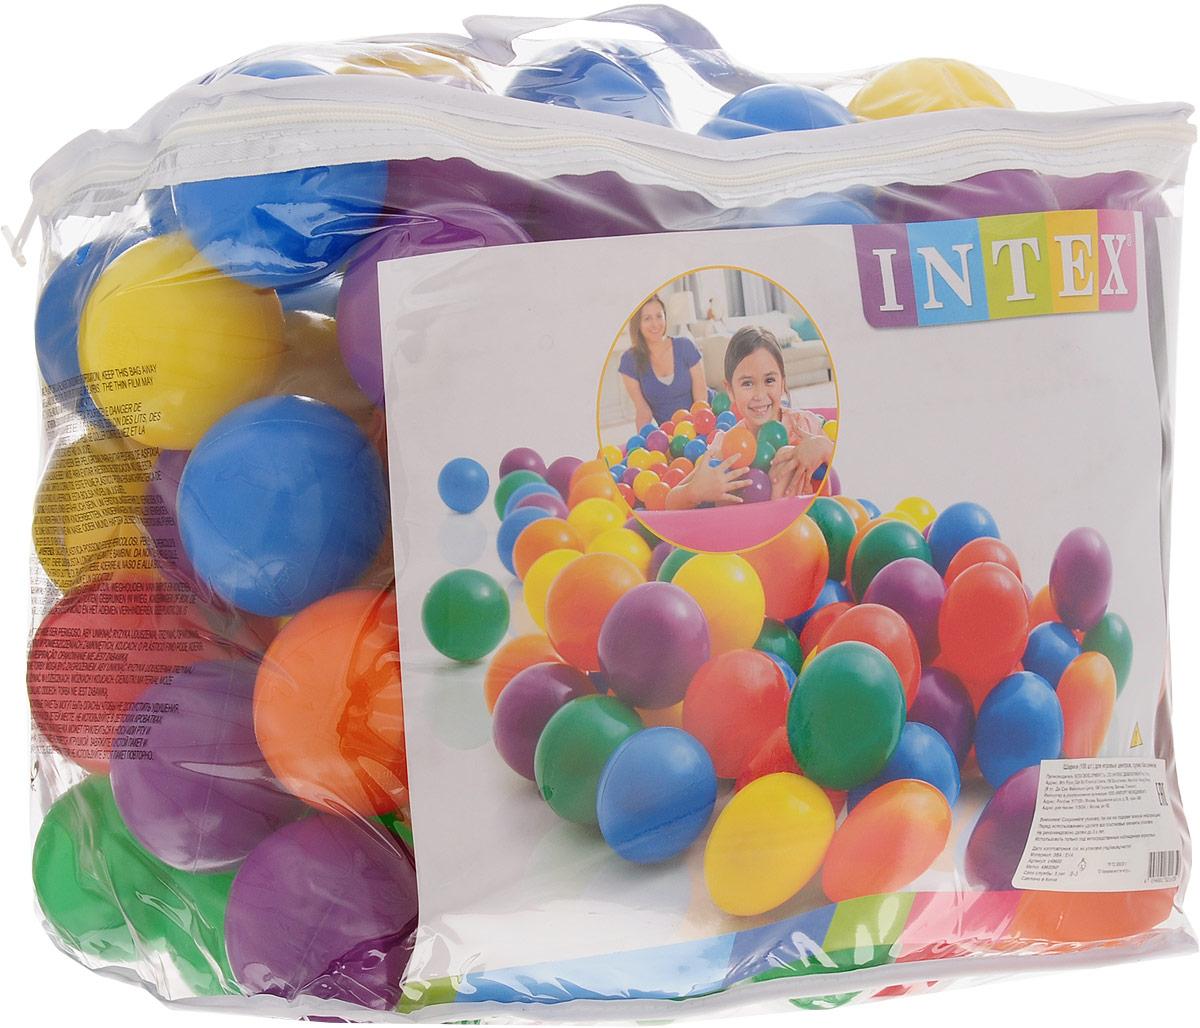 Intex Набор пластиковых шариков для сухого бассейна диаметр 8 см 100 шт